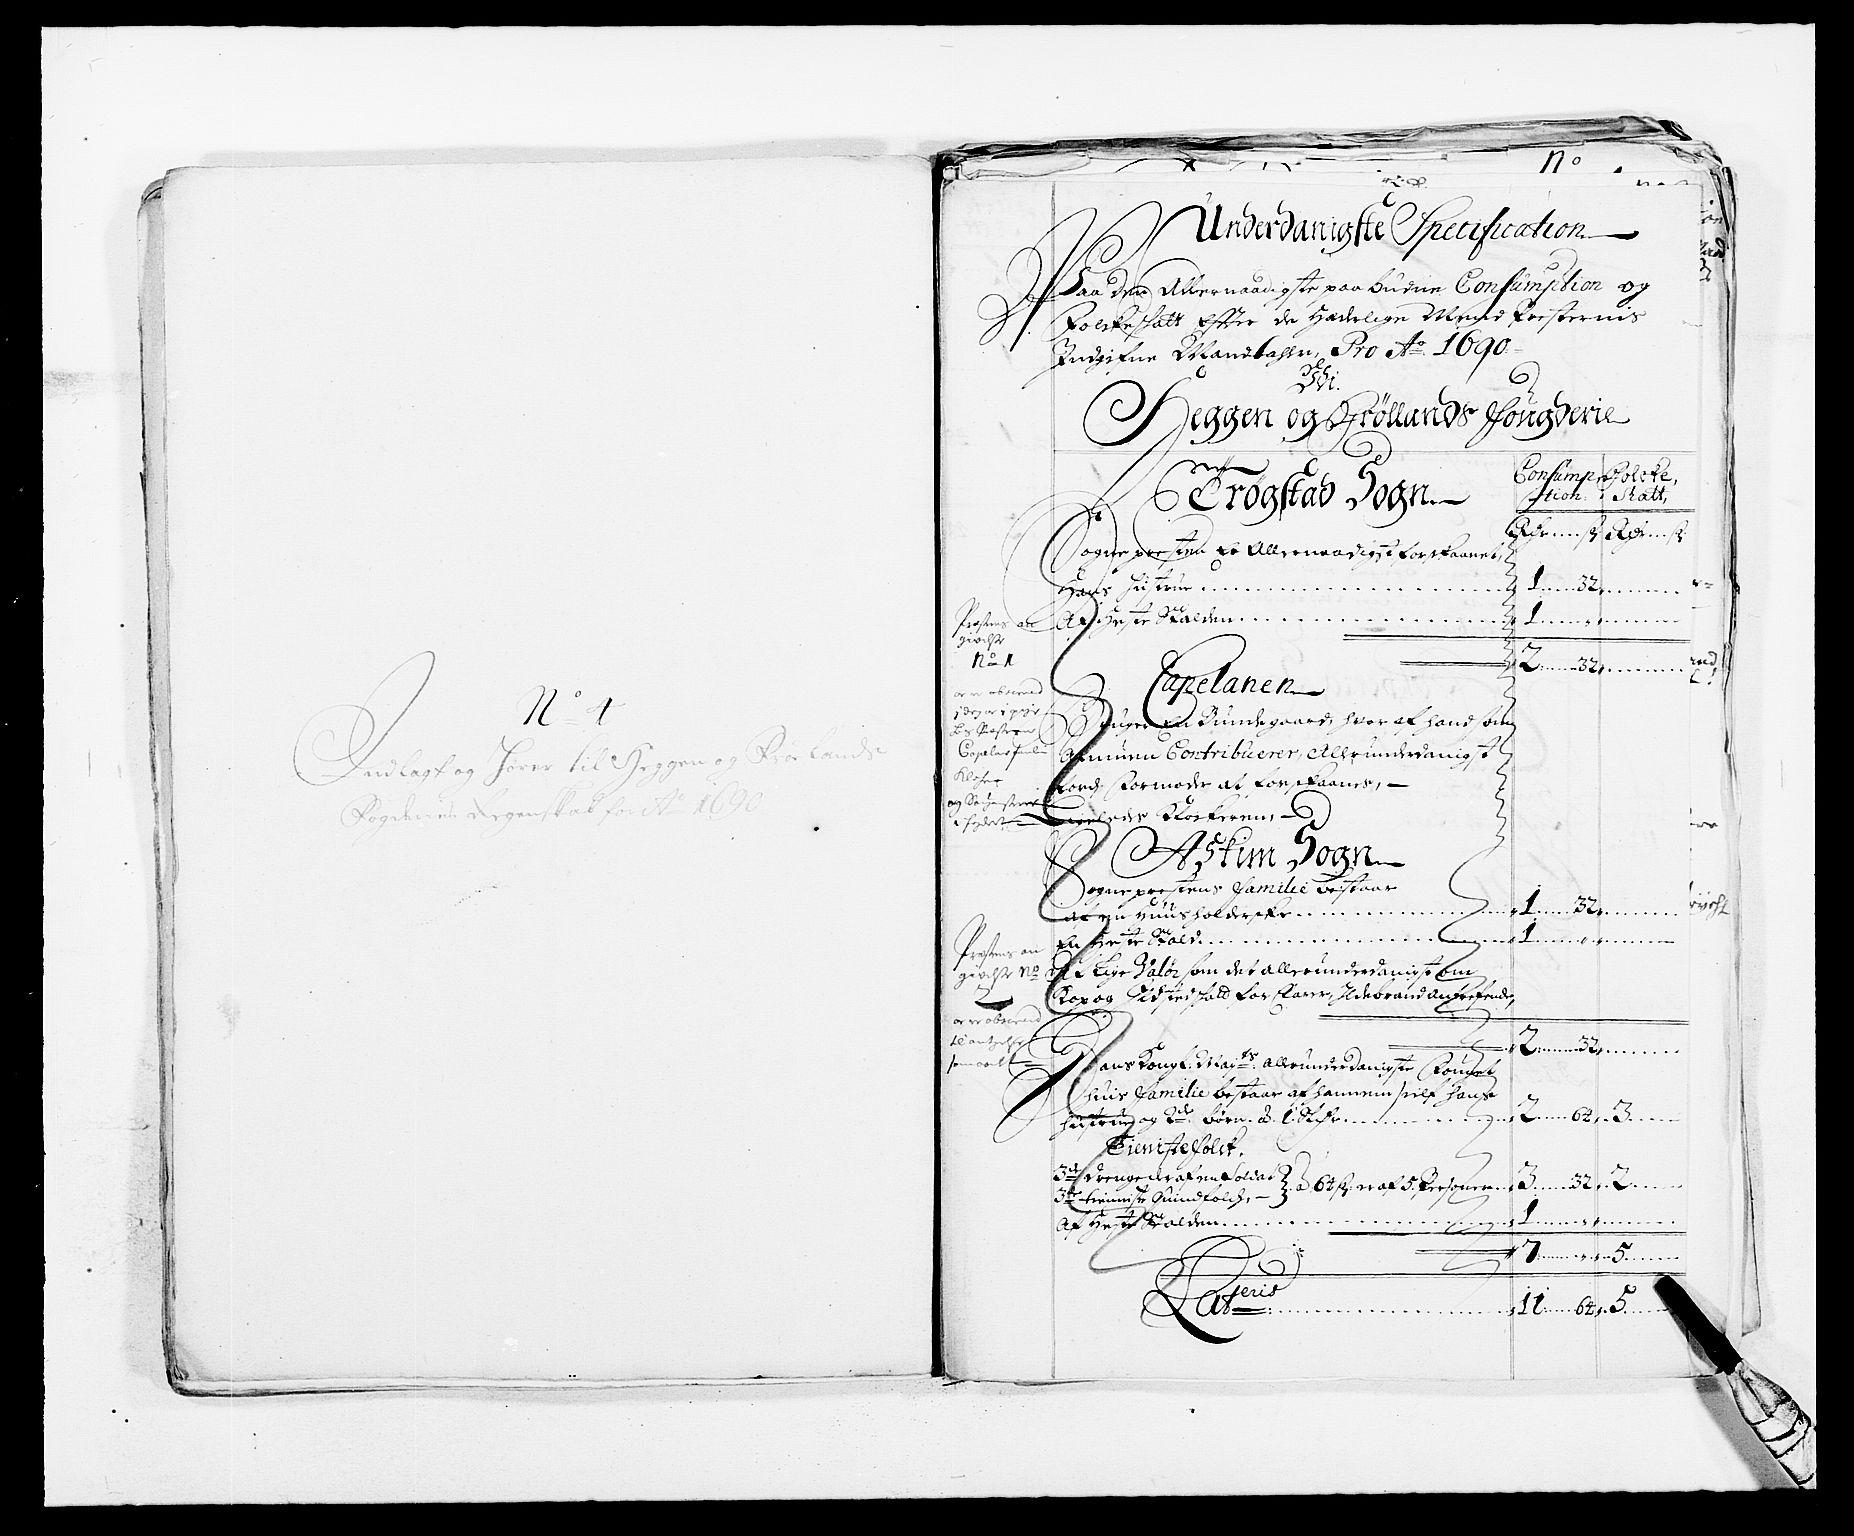 RA, Rentekammeret inntil 1814, Reviderte regnskaper, Fogderegnskap, R06/L0282: Fogderegnskap Heggen og Frøland, 1687-1690, s. 249